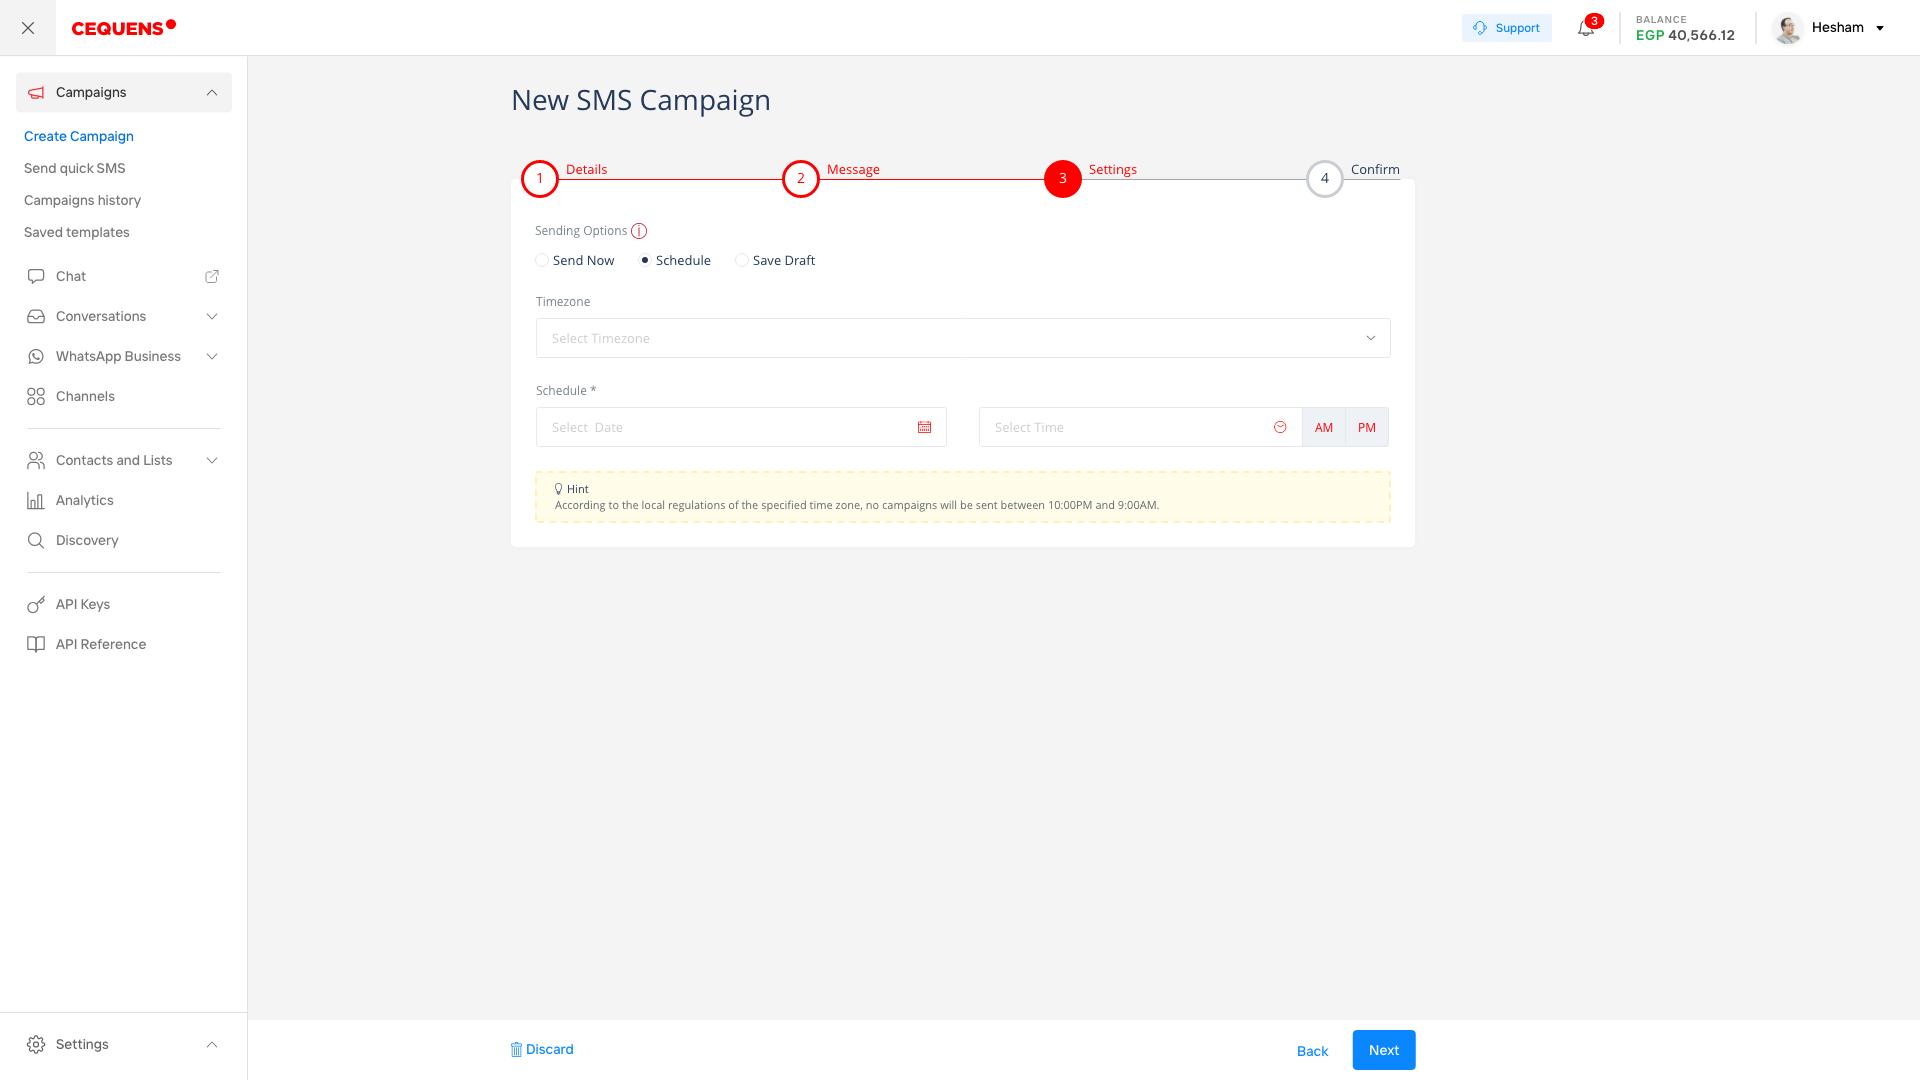 Customize campaign